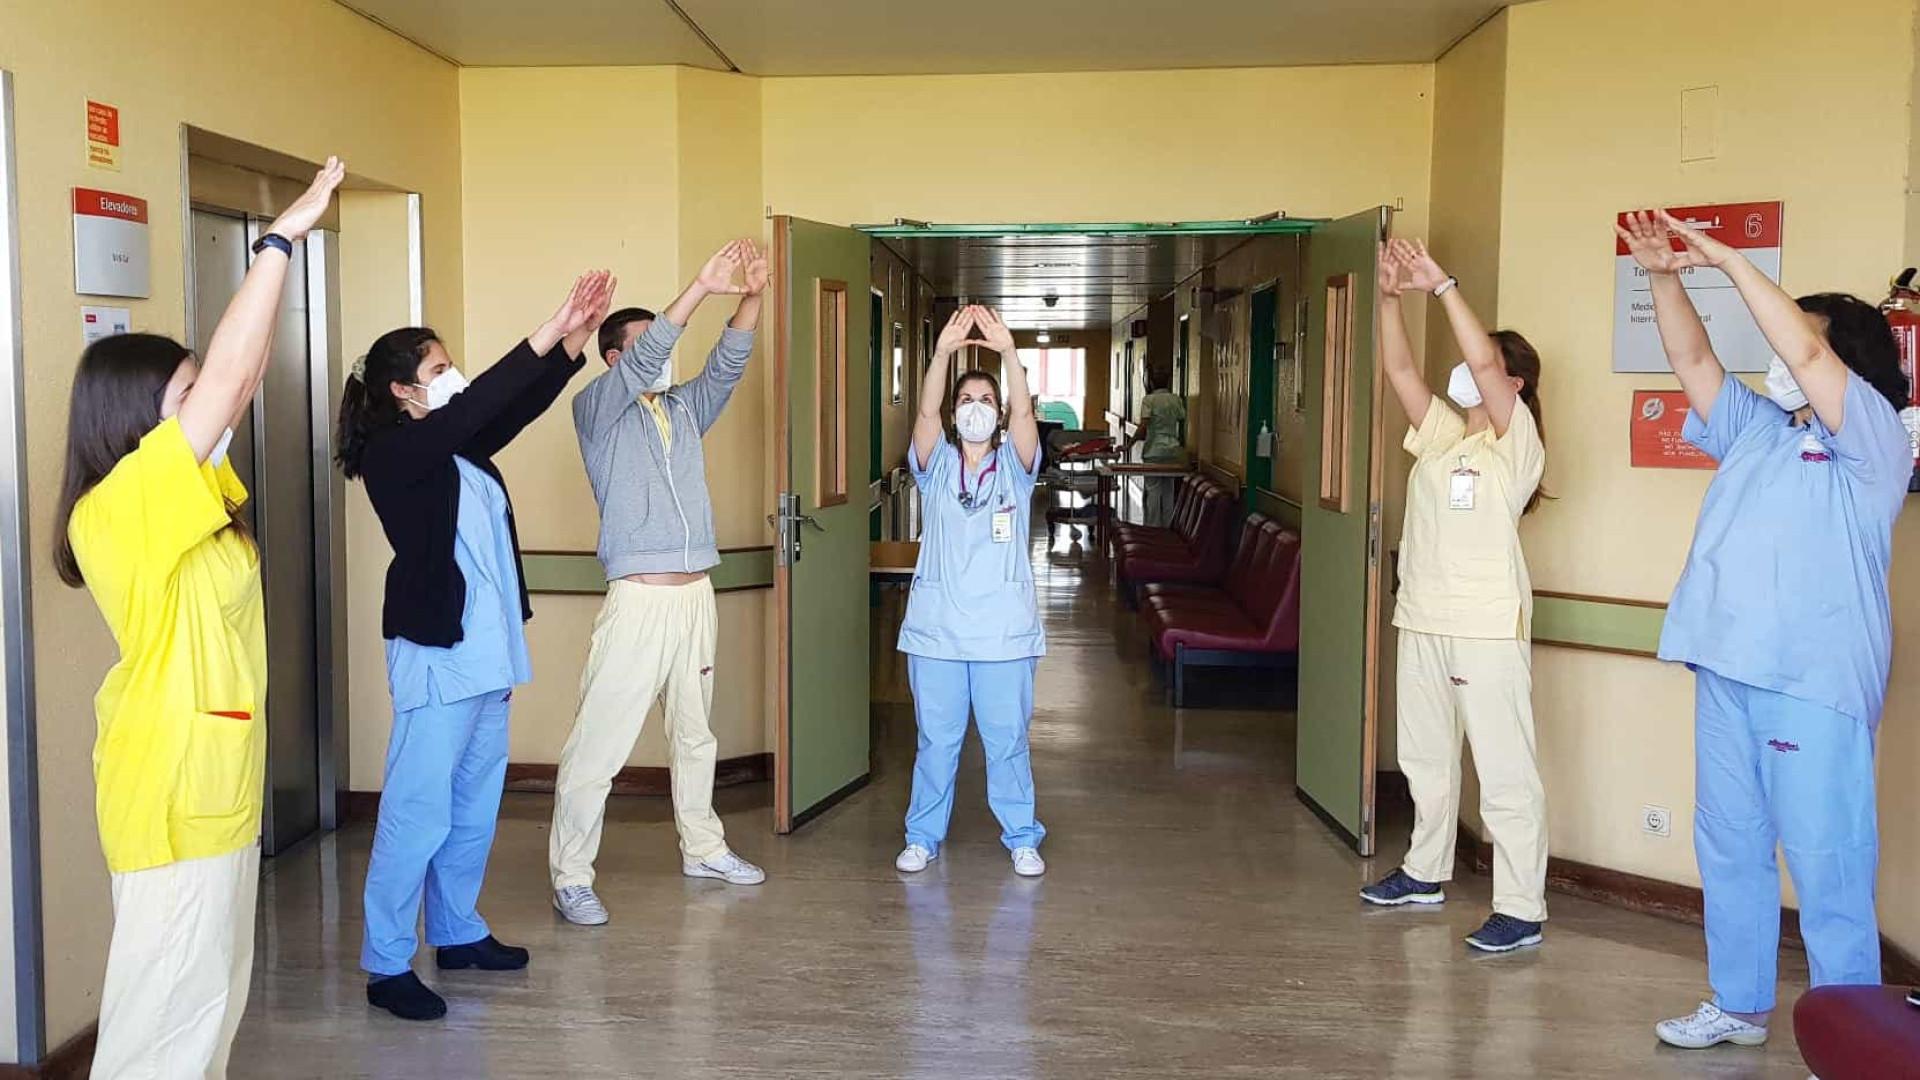 Amadora-Sintra com sessões de relaxamento para os profissionais de saúde